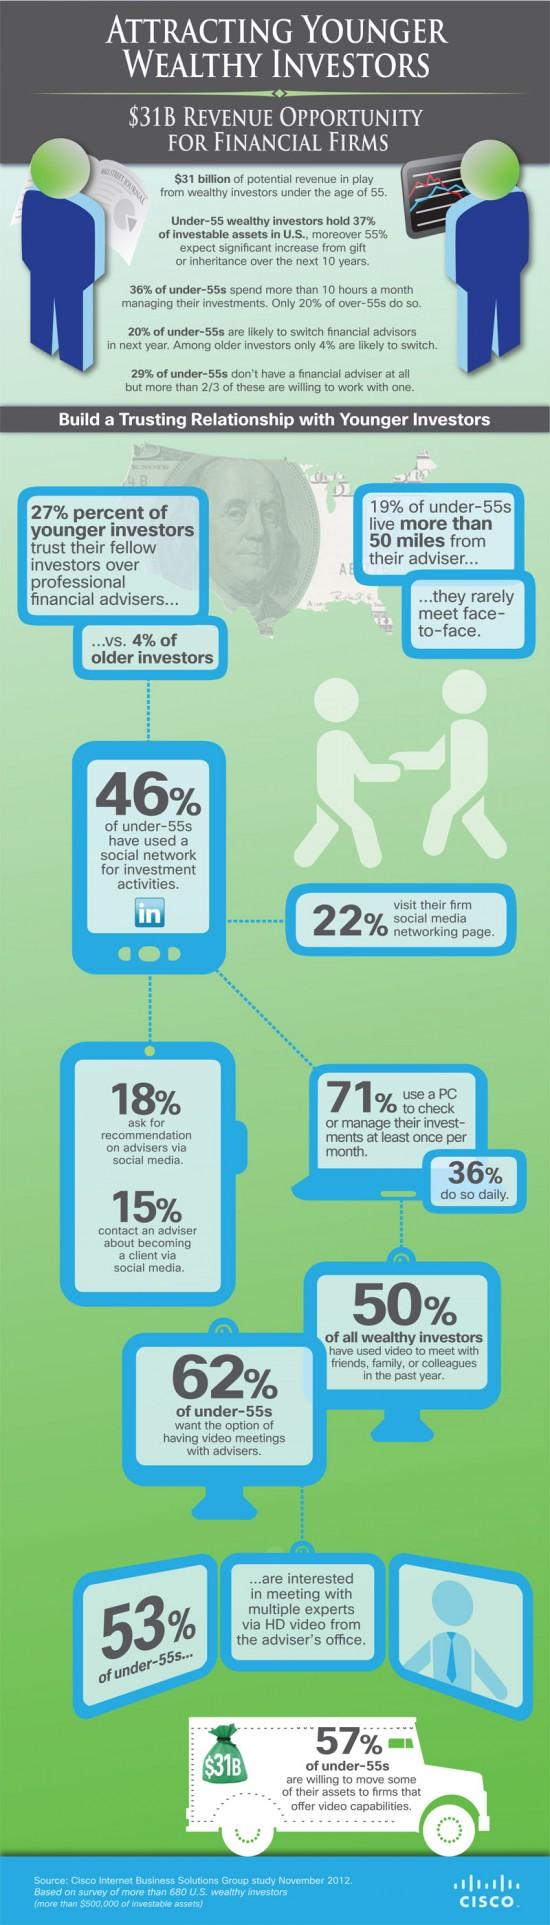 Infografik wie man junge Reiche für das Wealth Management gewinnen kann